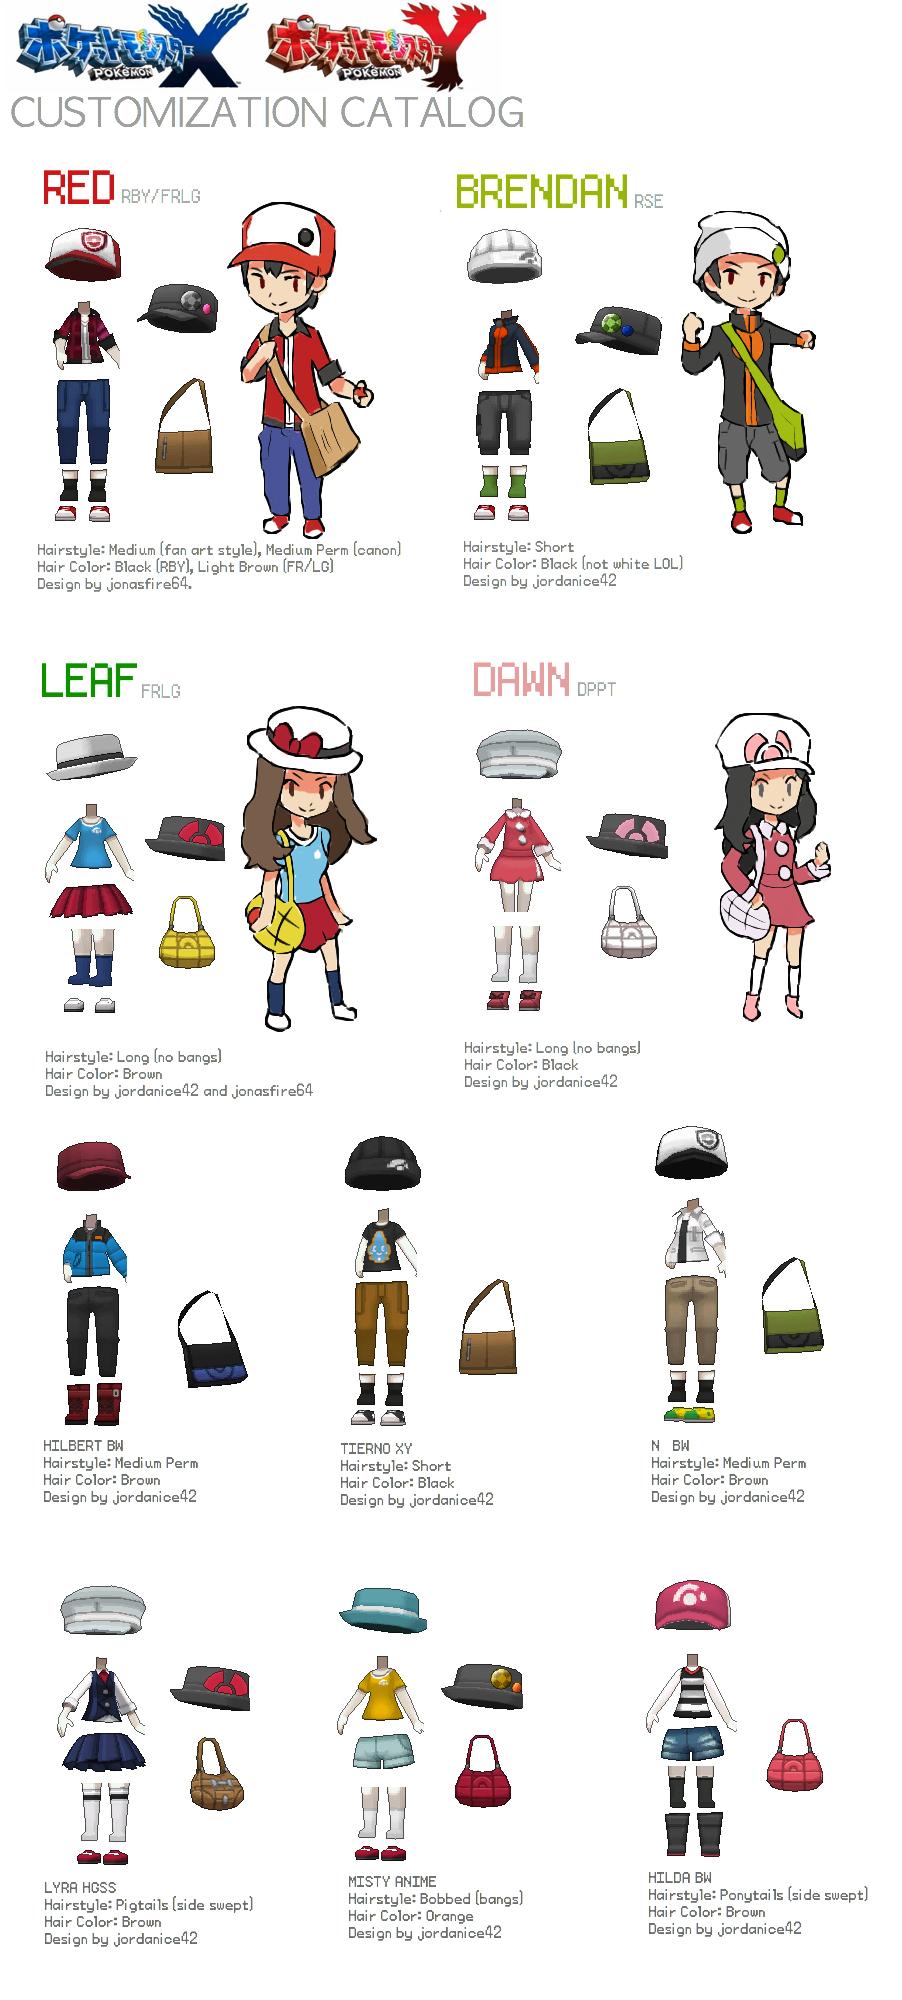 Pokemon Xy Character Customization Catalog By Jordanice42